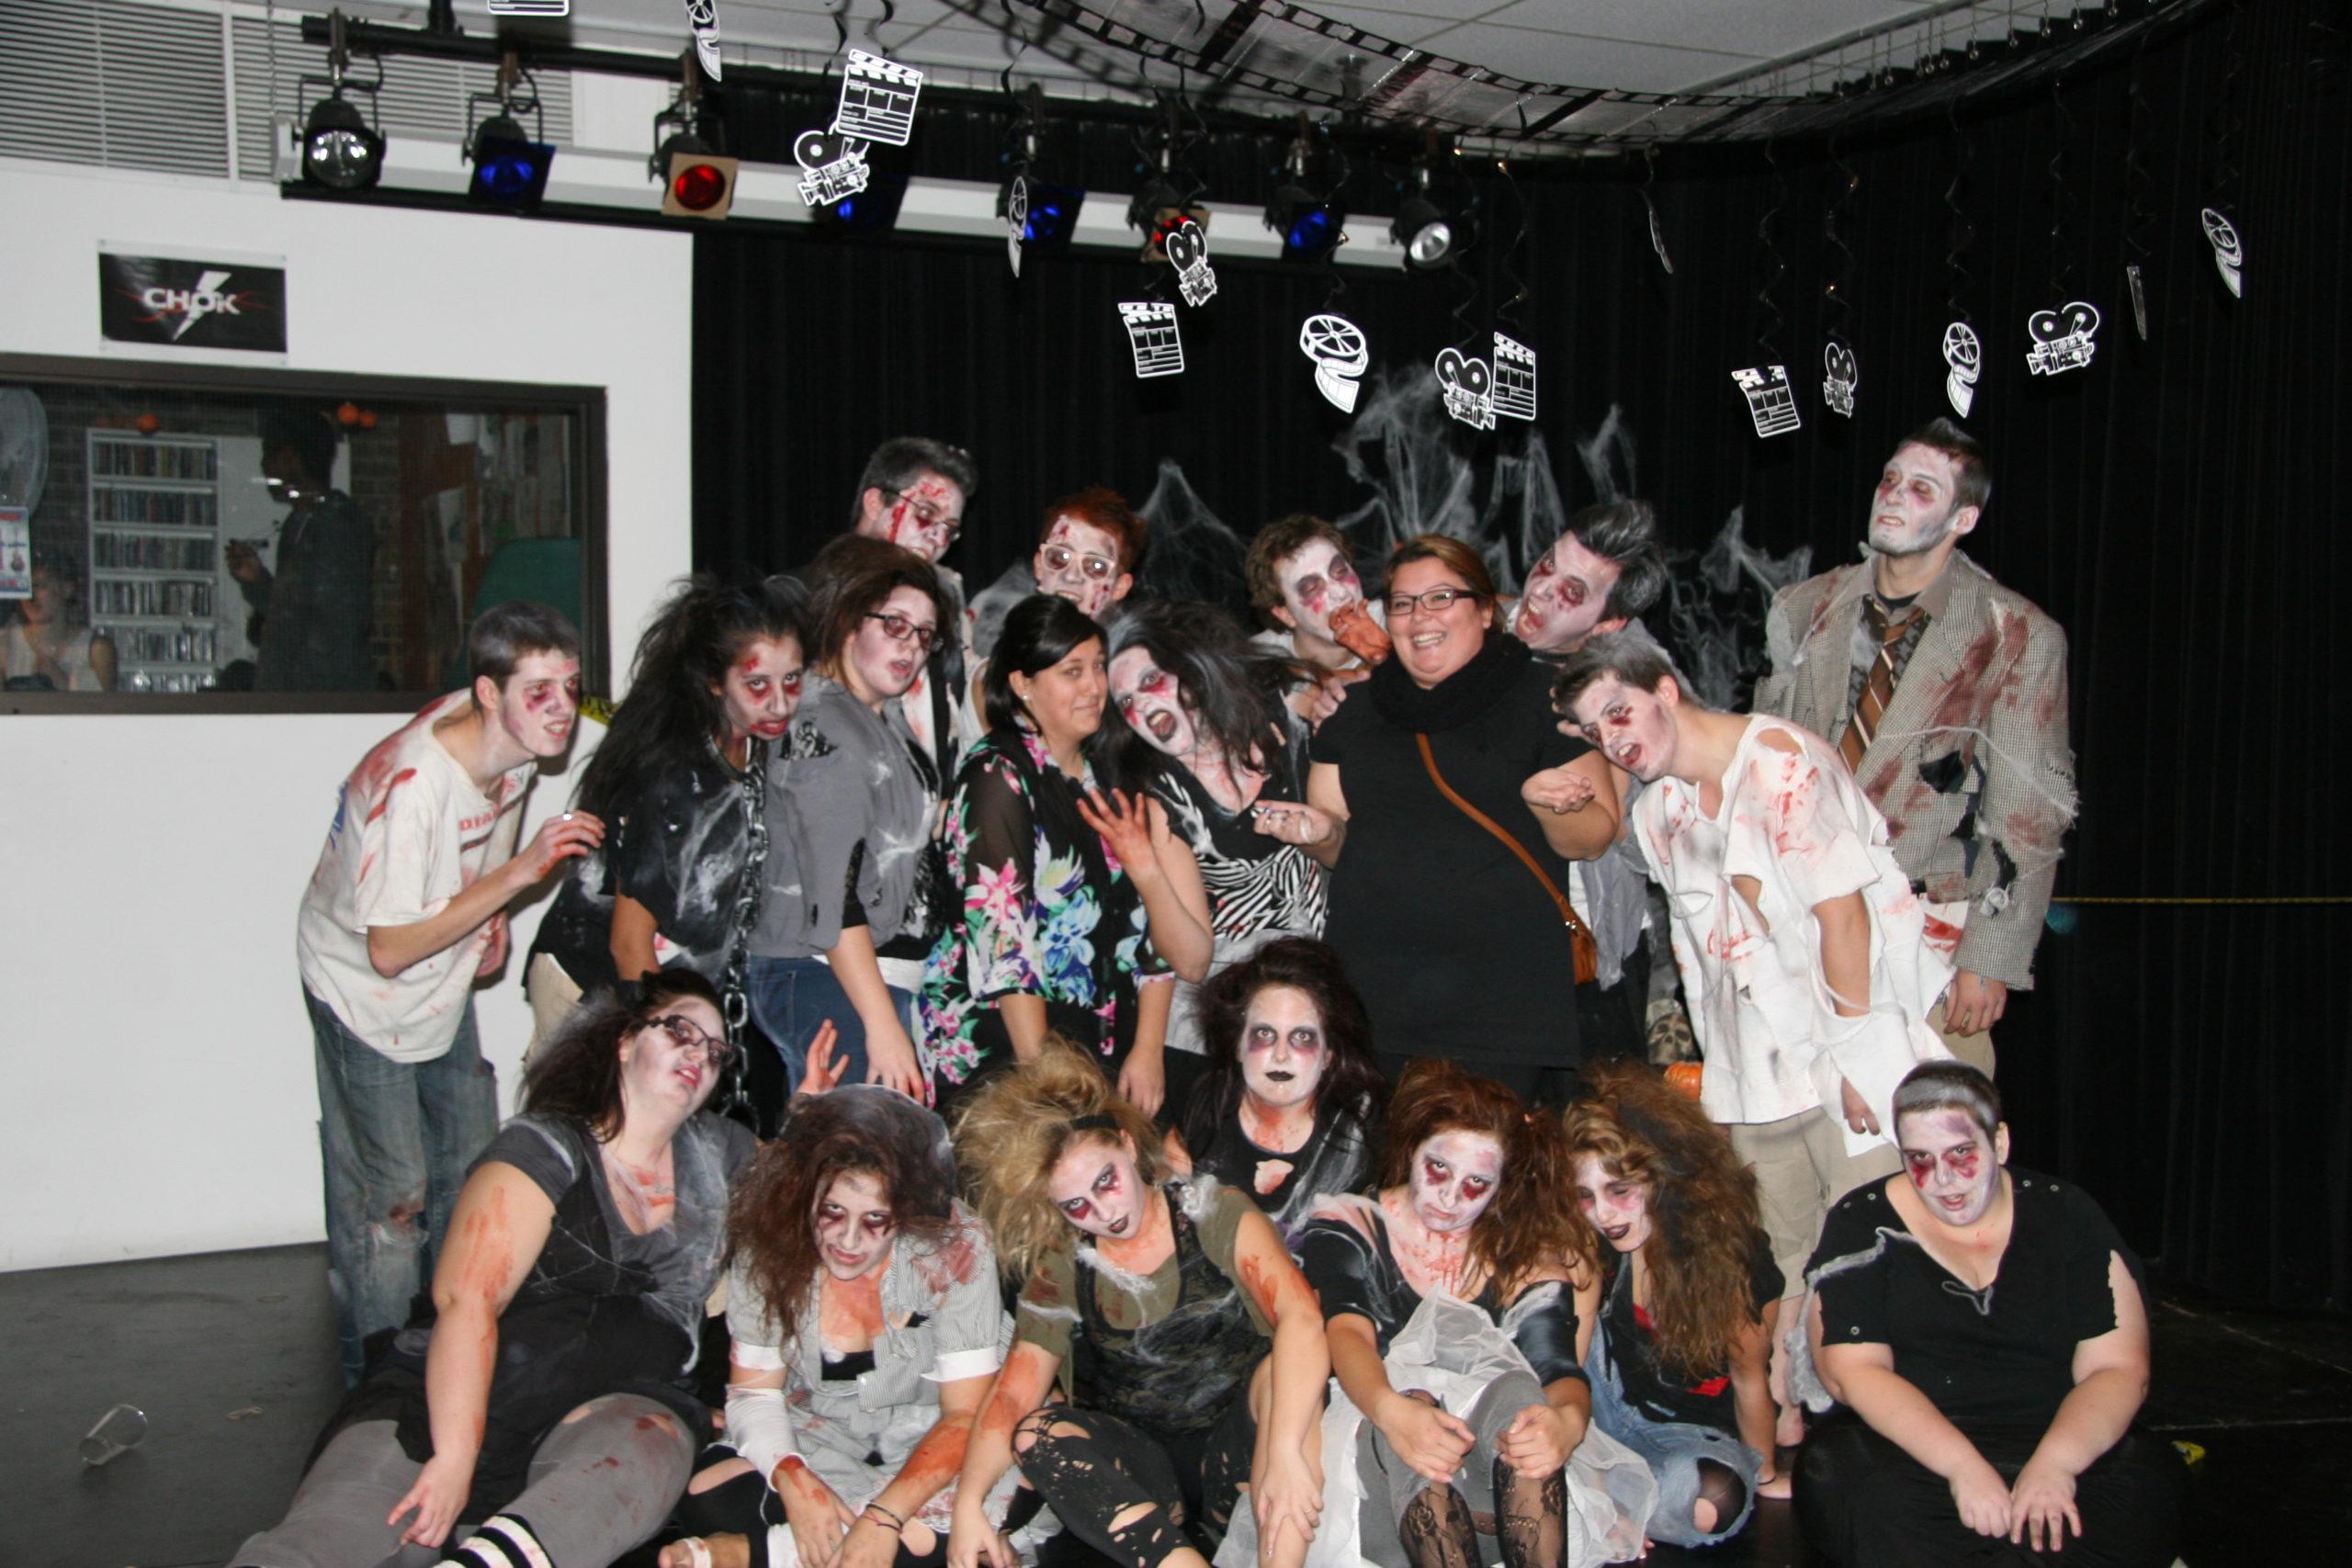 cstj_nouvelle_flash_mob_zombies_2013_halloween